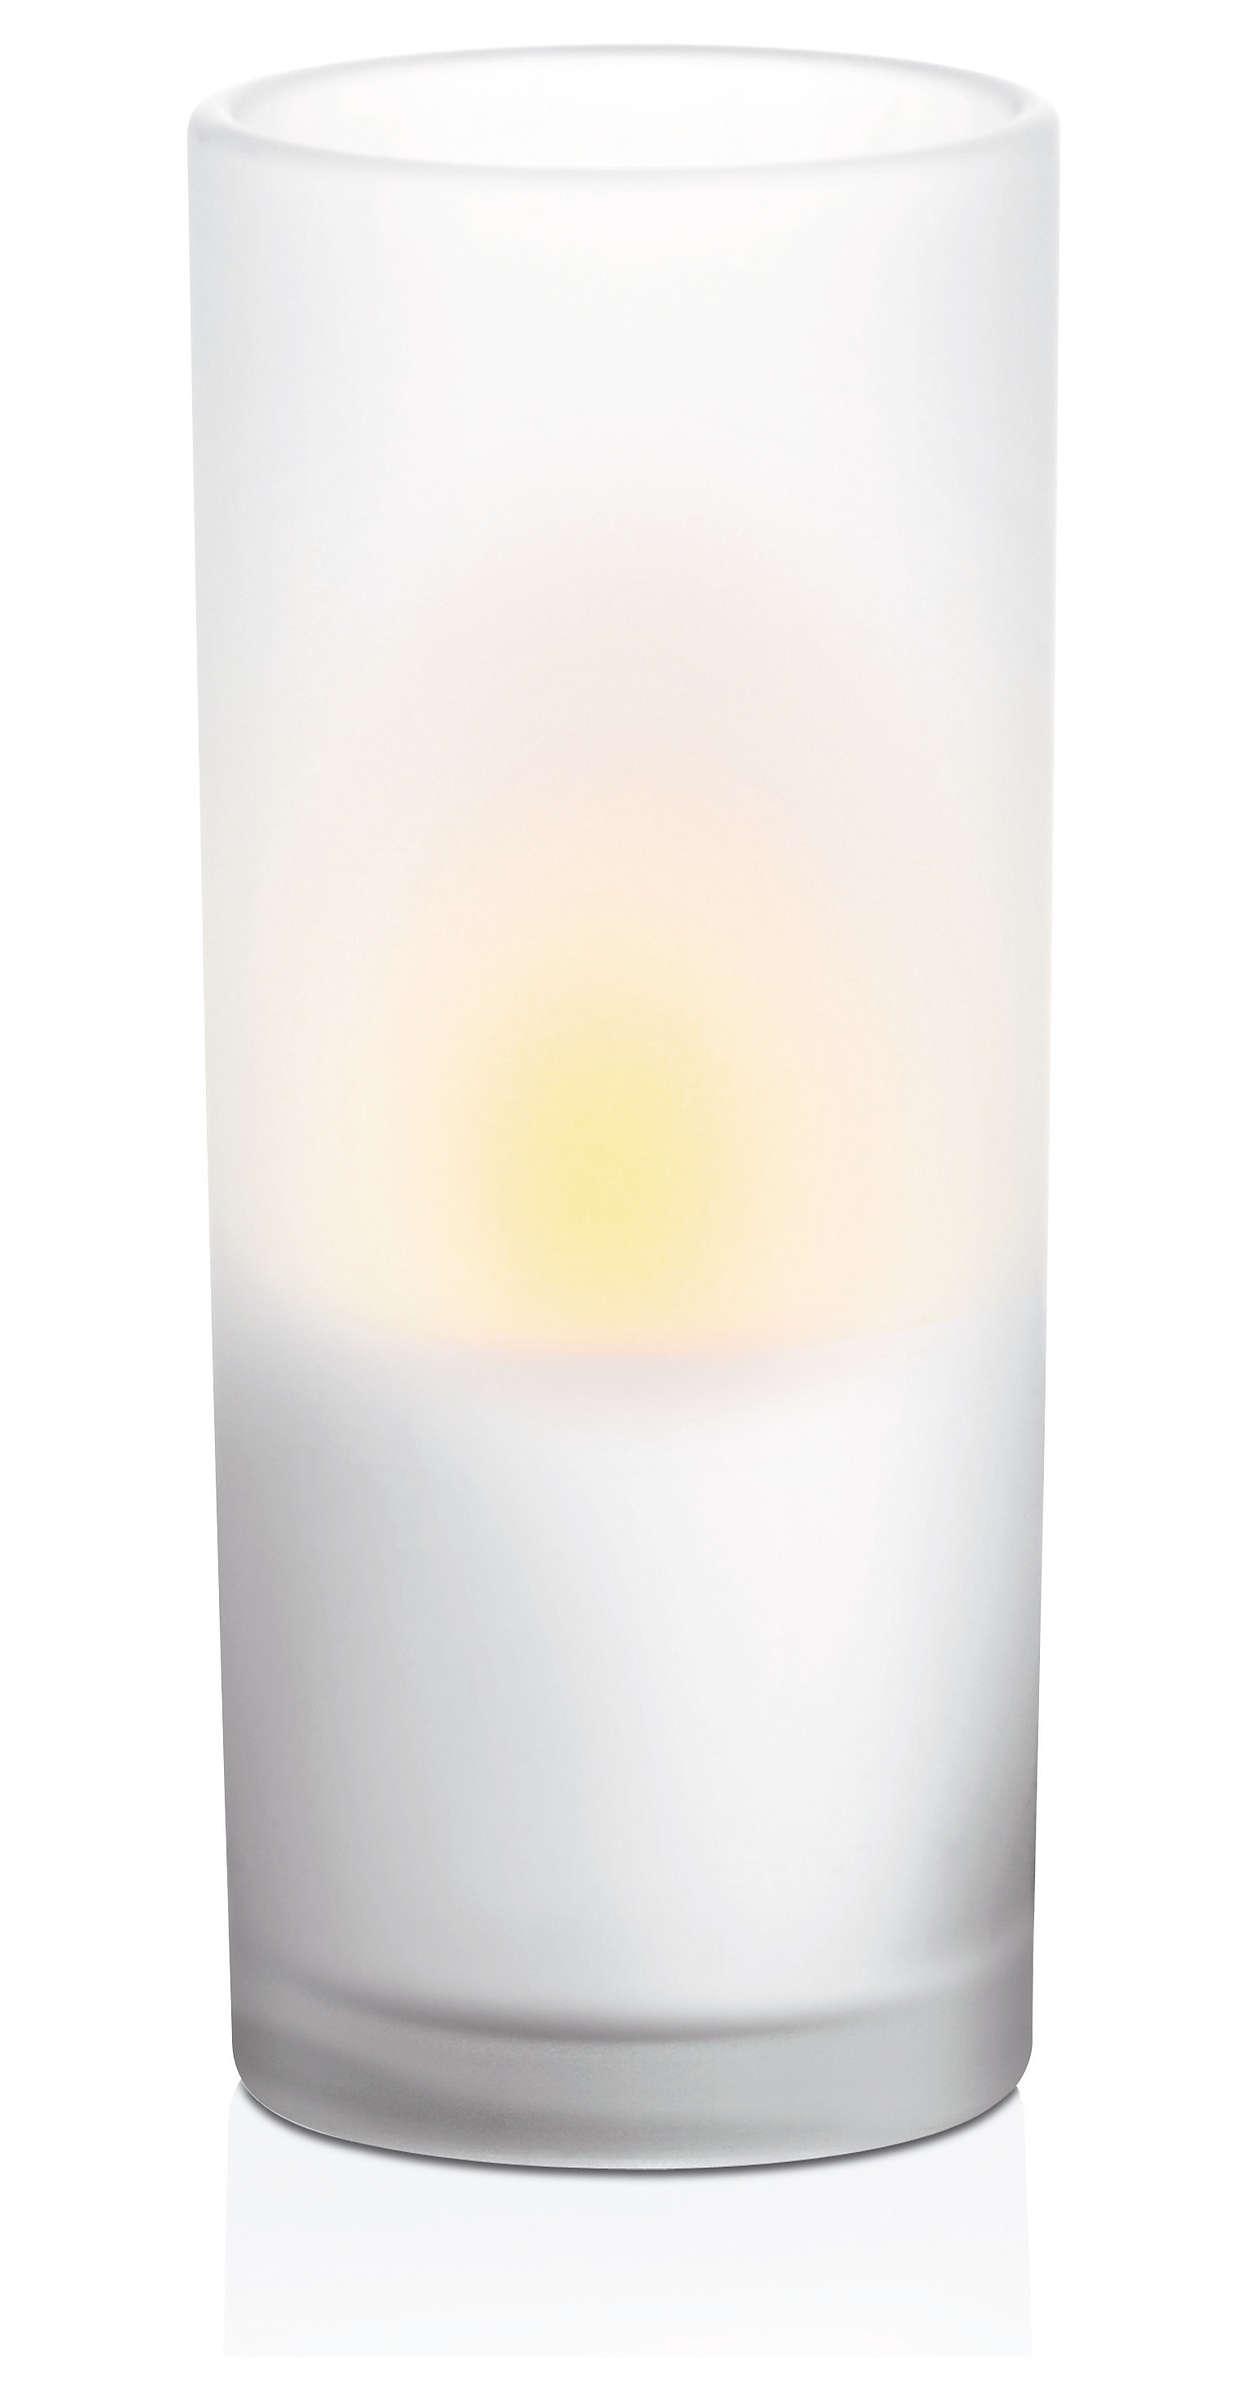 Vyfarbite svoj svet pomocou svetla